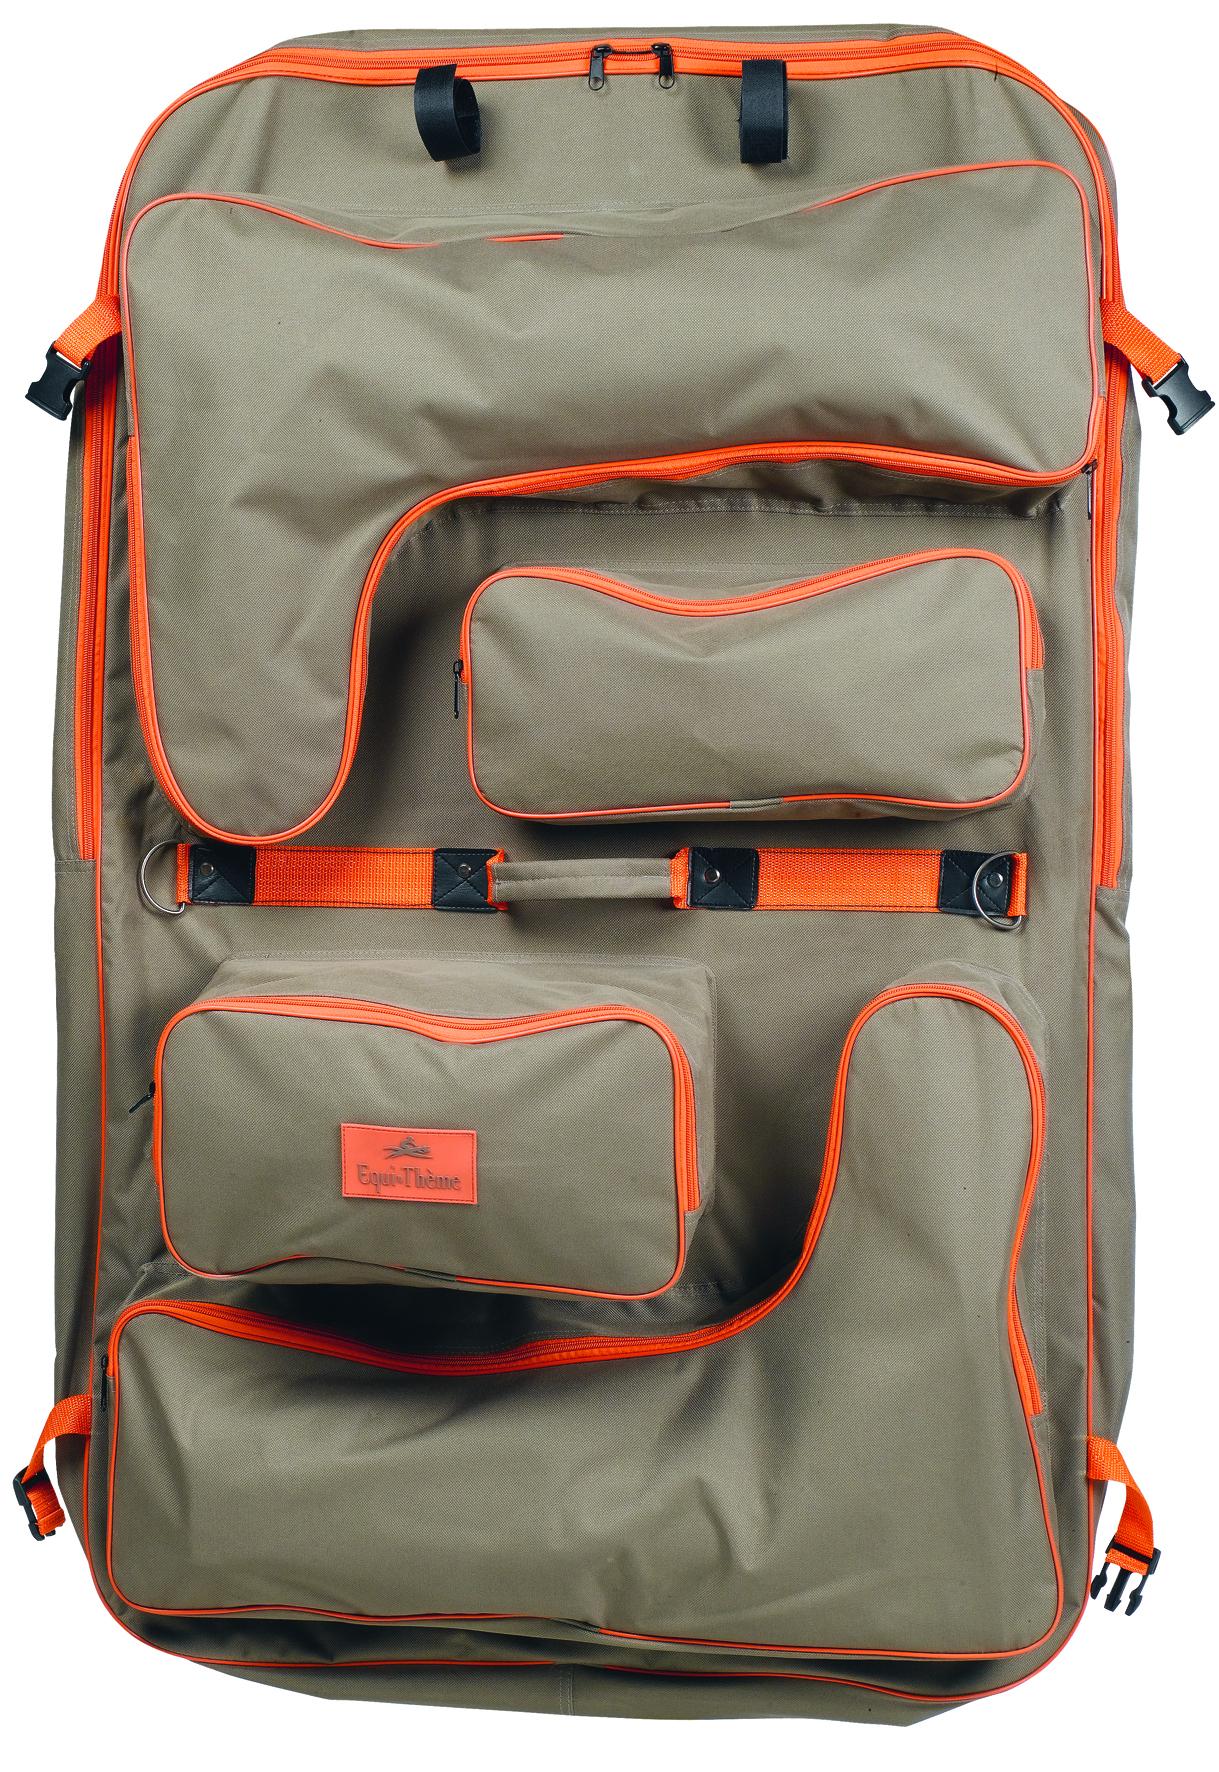 taška EQUI-THEME na jezdecké oblečení - šedohnědá, paspulka oranžová